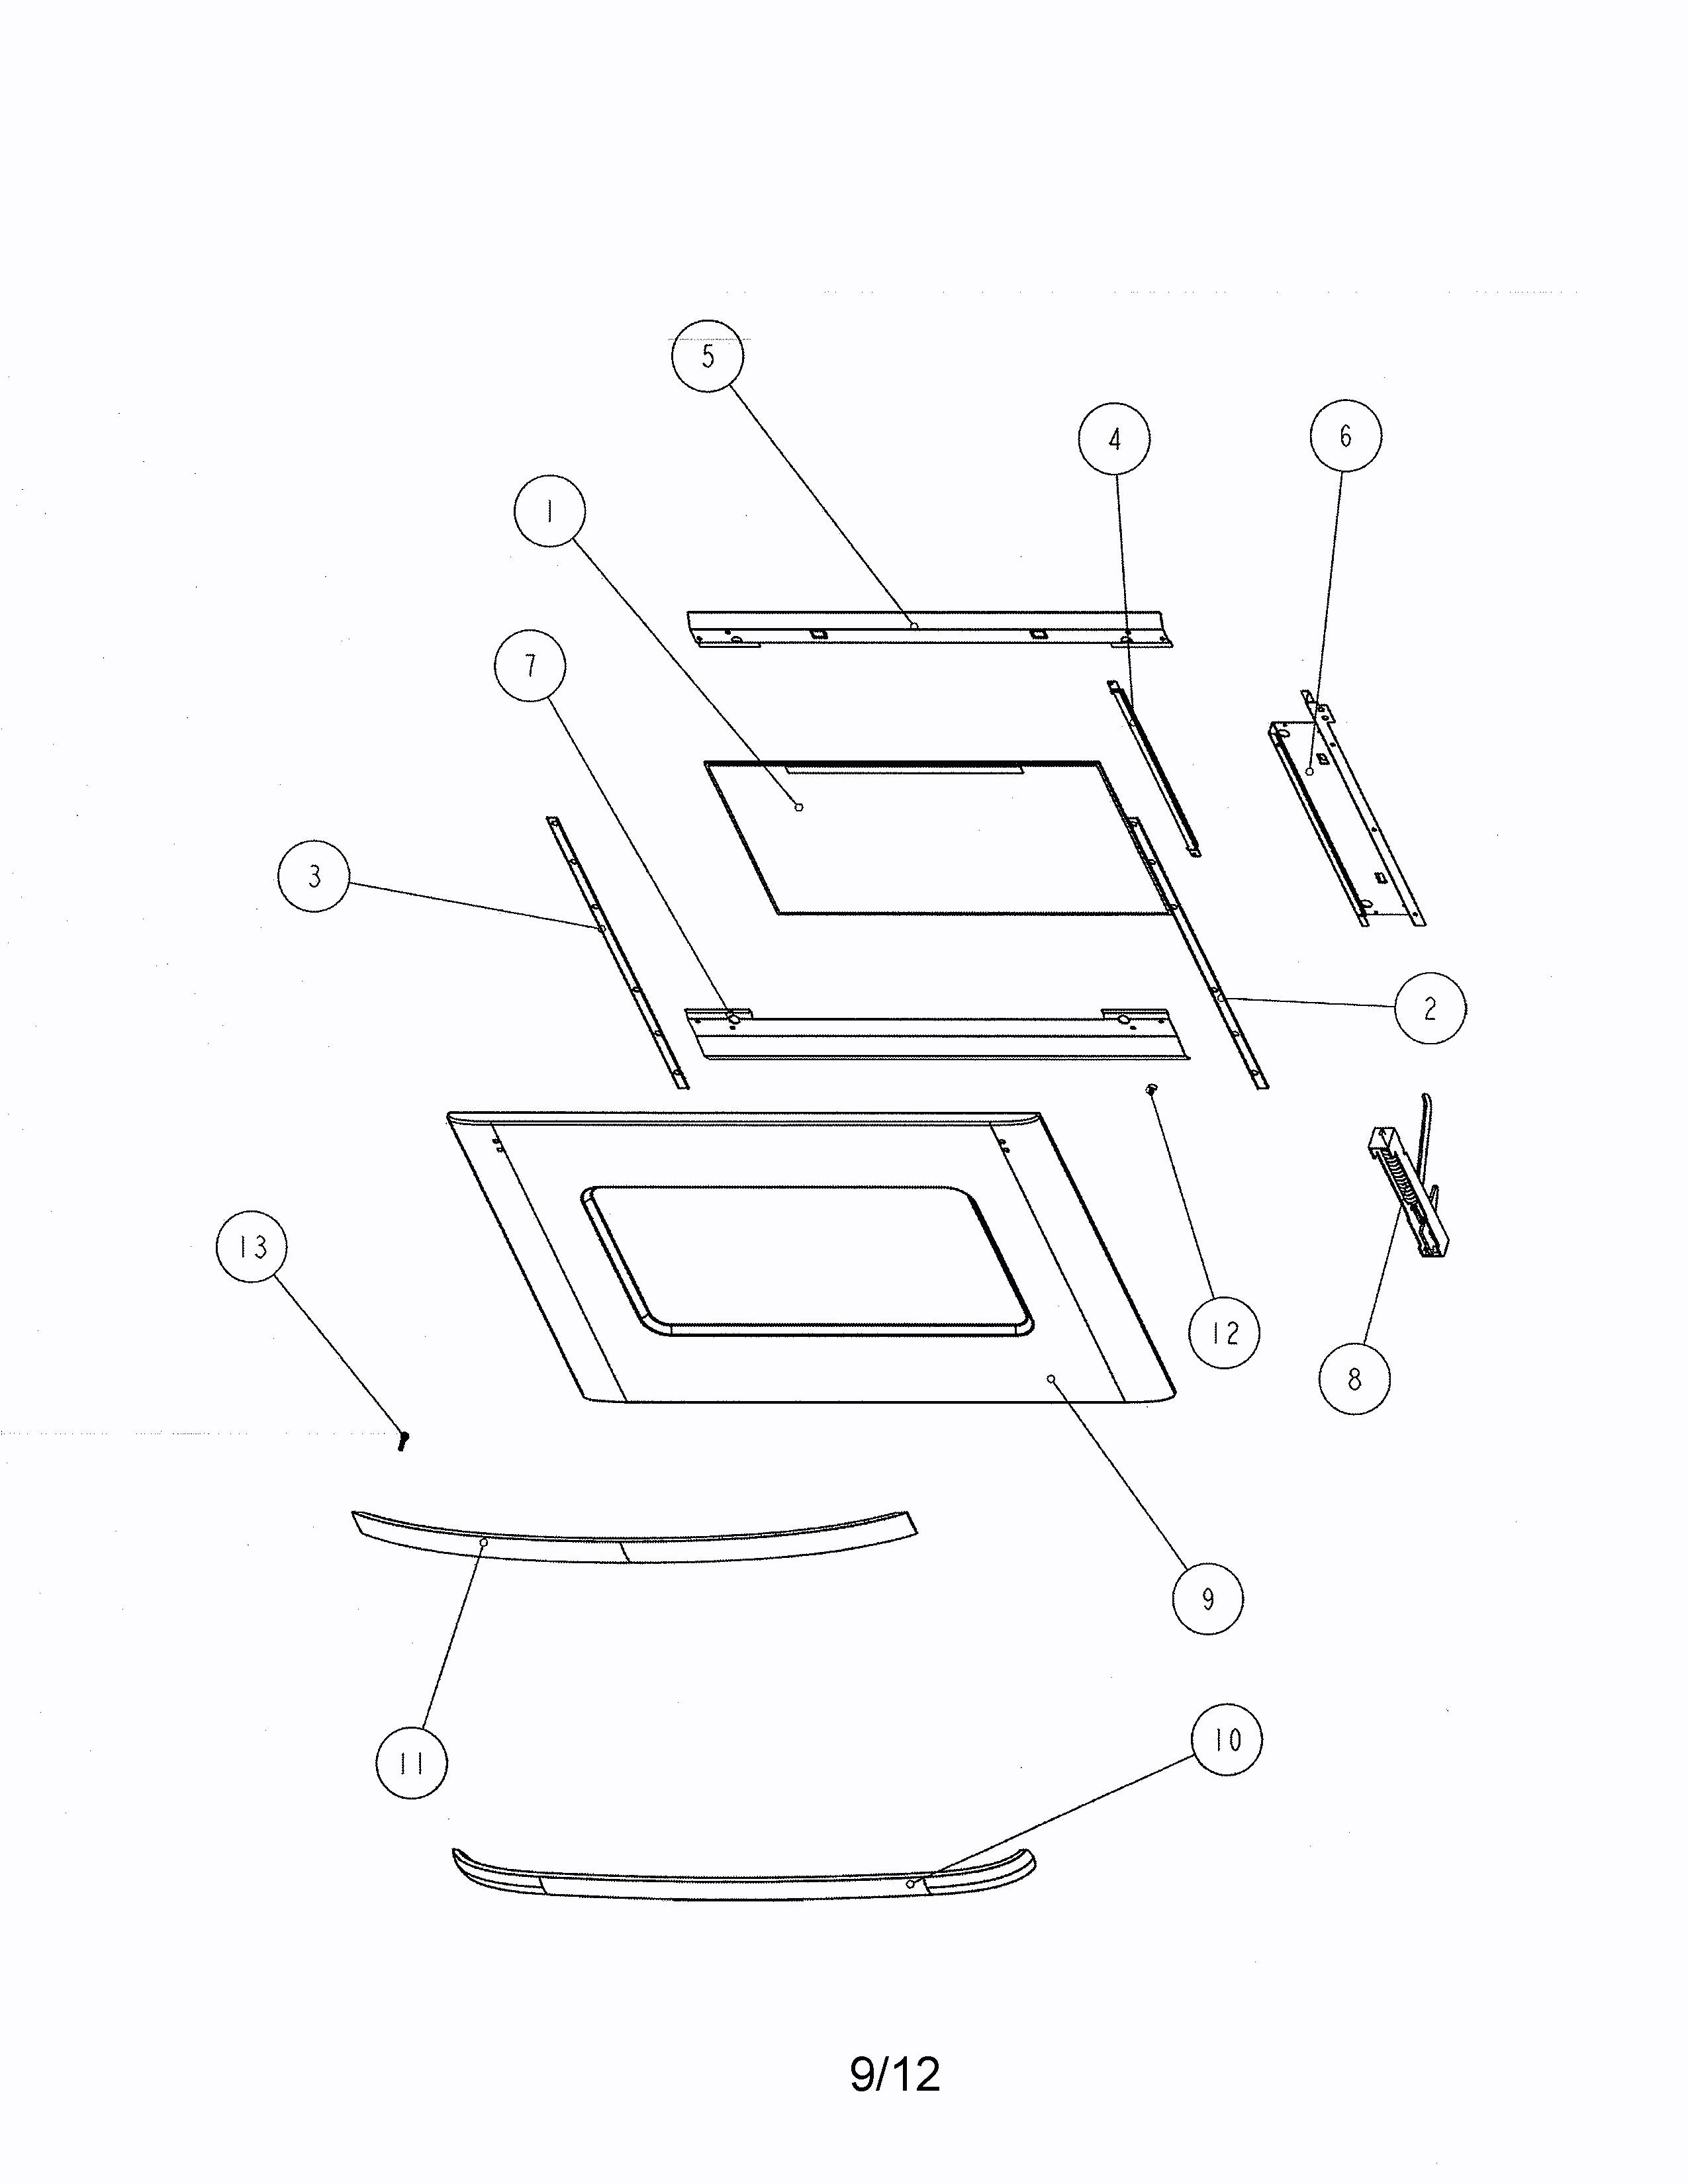 Bissell Carpet Cleaner Parts Diagram 39 Elegant Rug Doctor Vs Bissell Of Bissell Carpet Cleaner Parts Diagram